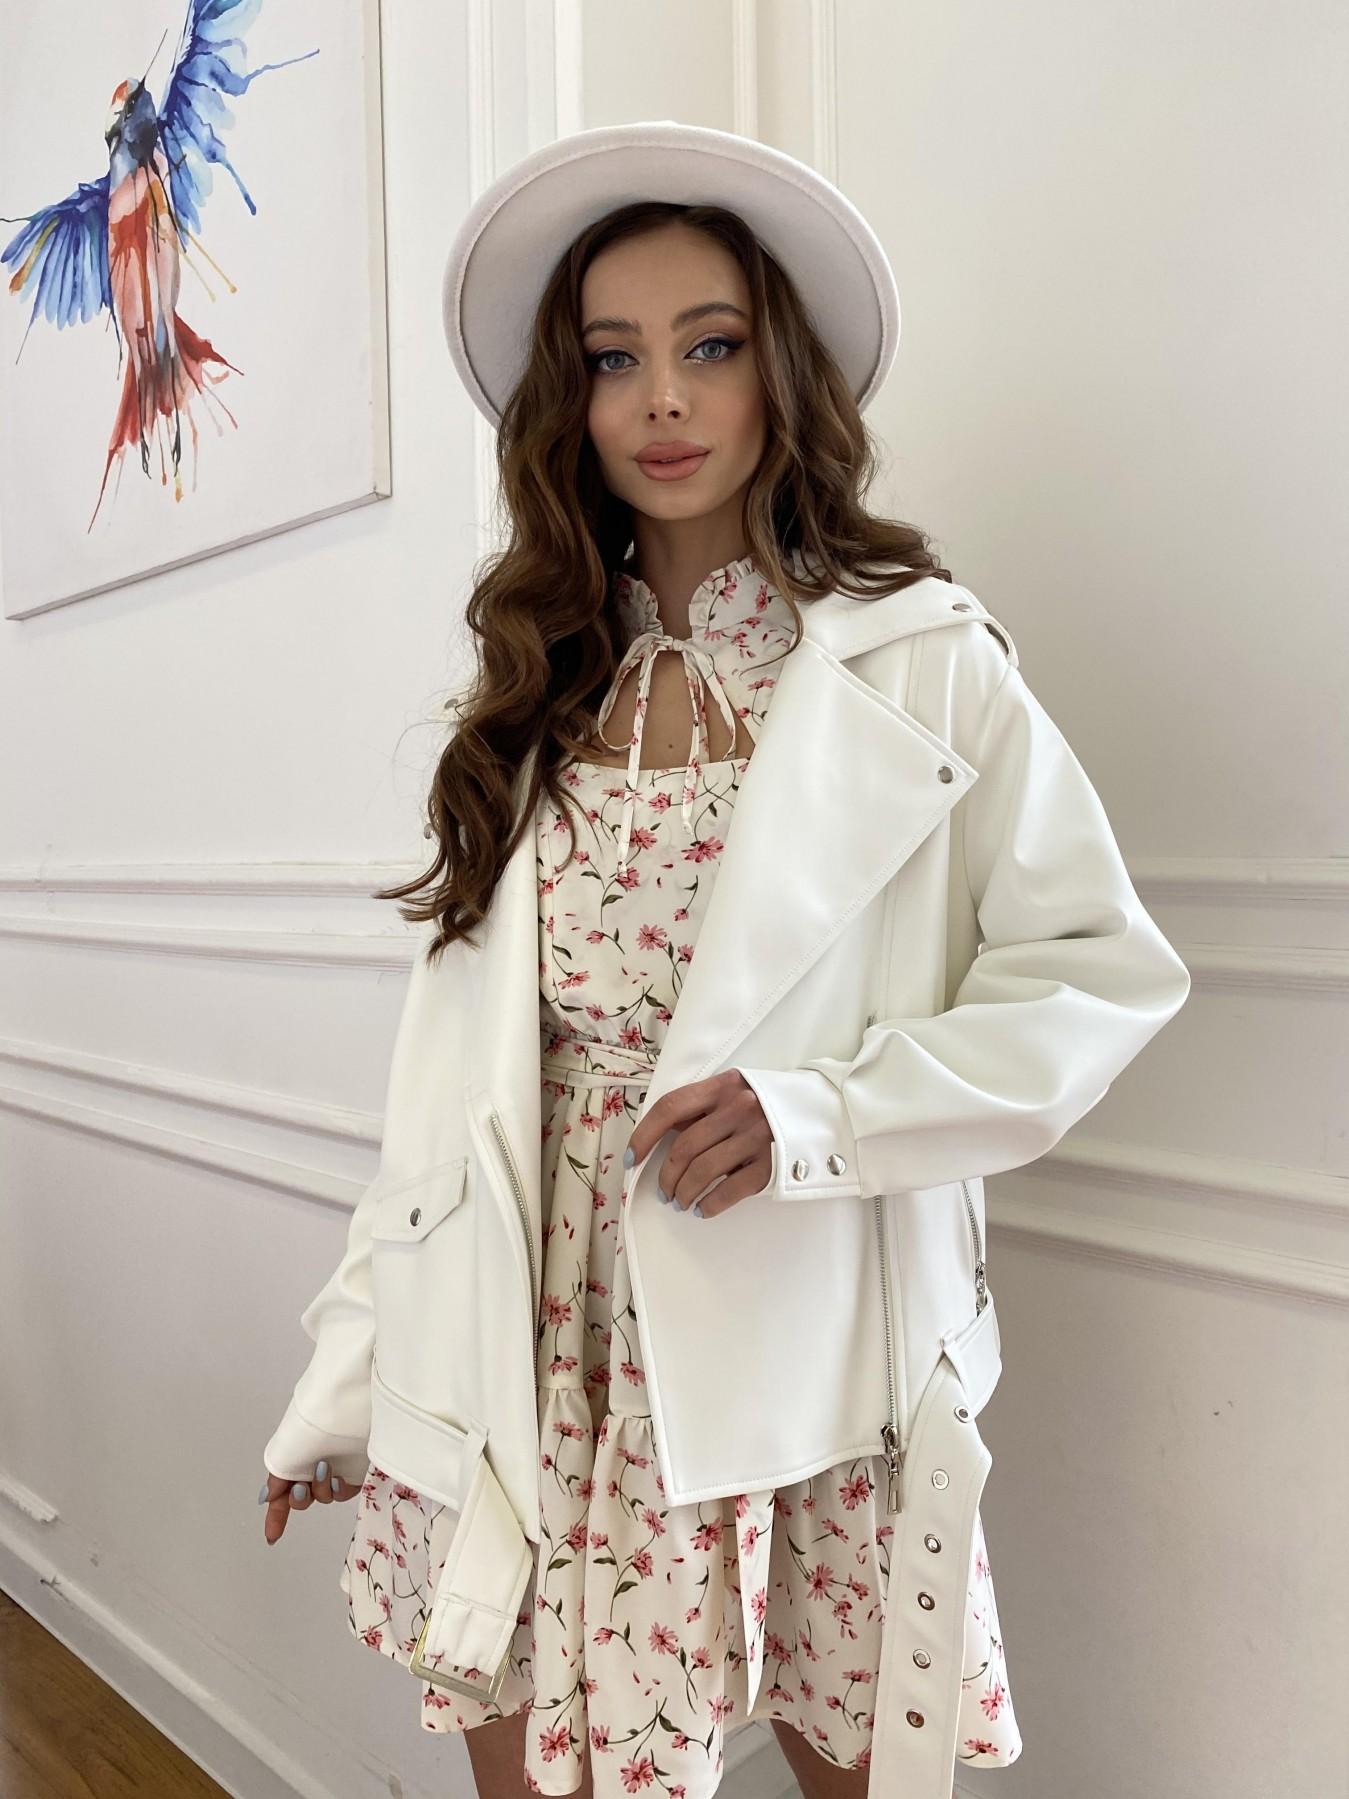 Фора куртка из экокожи прокатанная 11204 АРТ. 47716 Цвет: Молоко - фото 1, интернет магазин tm-modus.ru